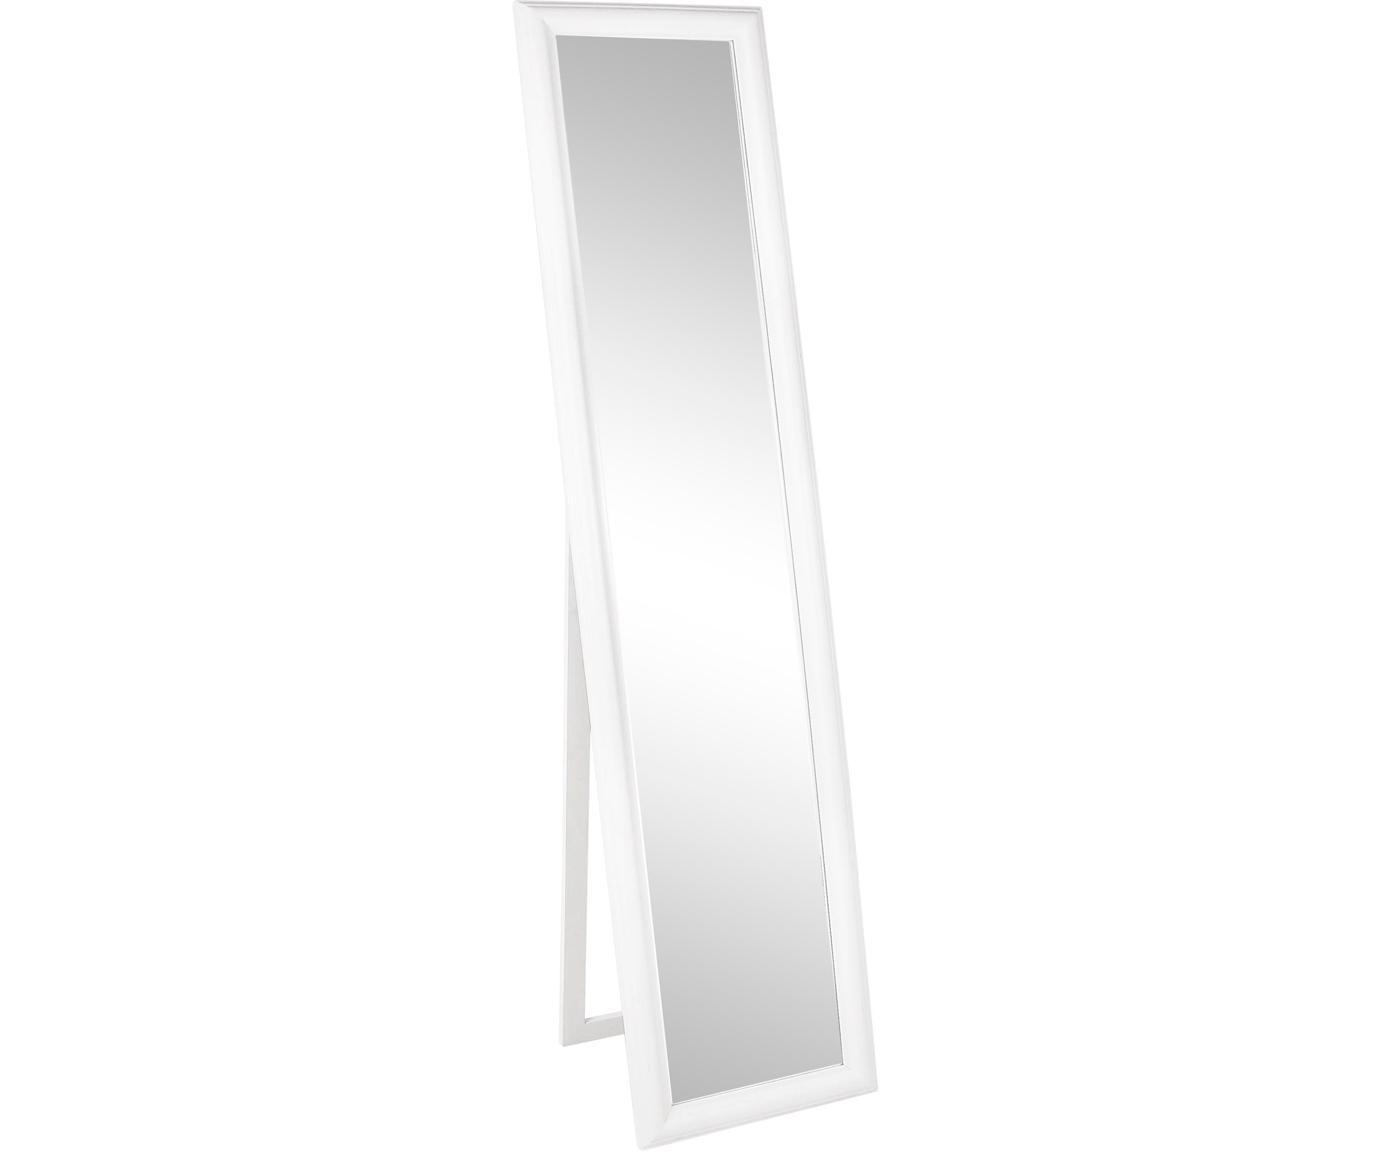 Specchio da terra Sanzio, Cornice: legno rivestito, Superficie dello specchio: lastra di vetro, Bianco, Larg. 40 x Alt. 170 cm